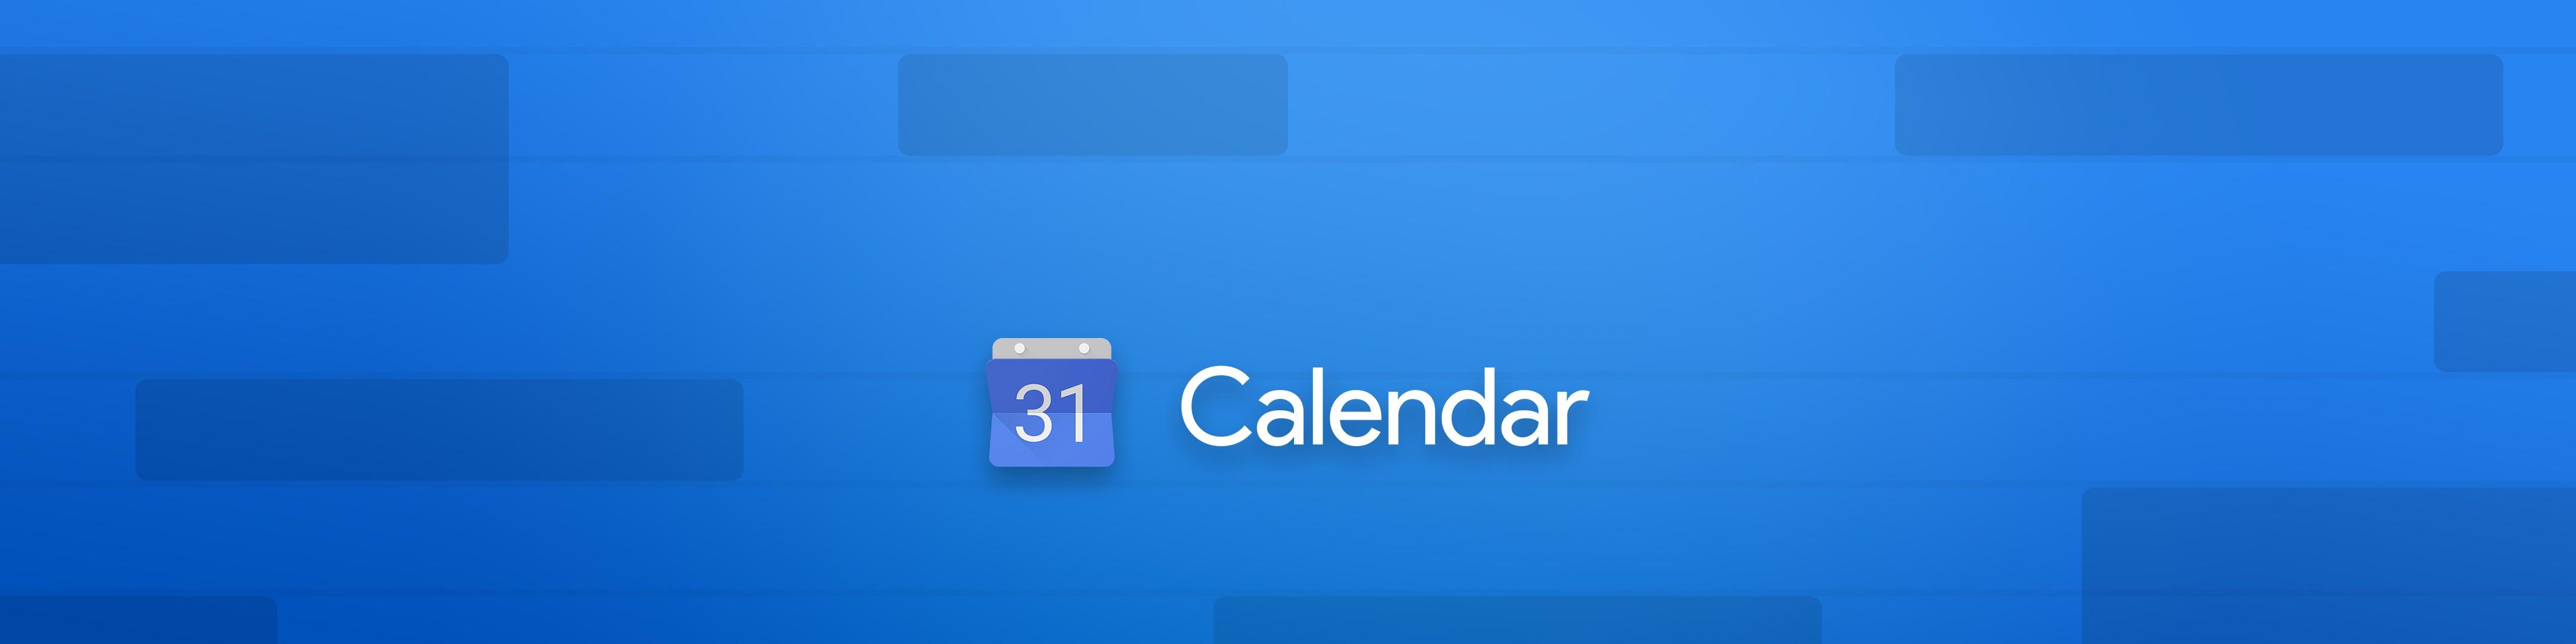 Calendario Mayo 2019 Más Arriba-a-fecha Calendario De Google Revenue & Download Estimates Apple Of Calendario Mayo 2019 Recientes Galera De Imágenes Aguascalientes En México 2019 – Diablos